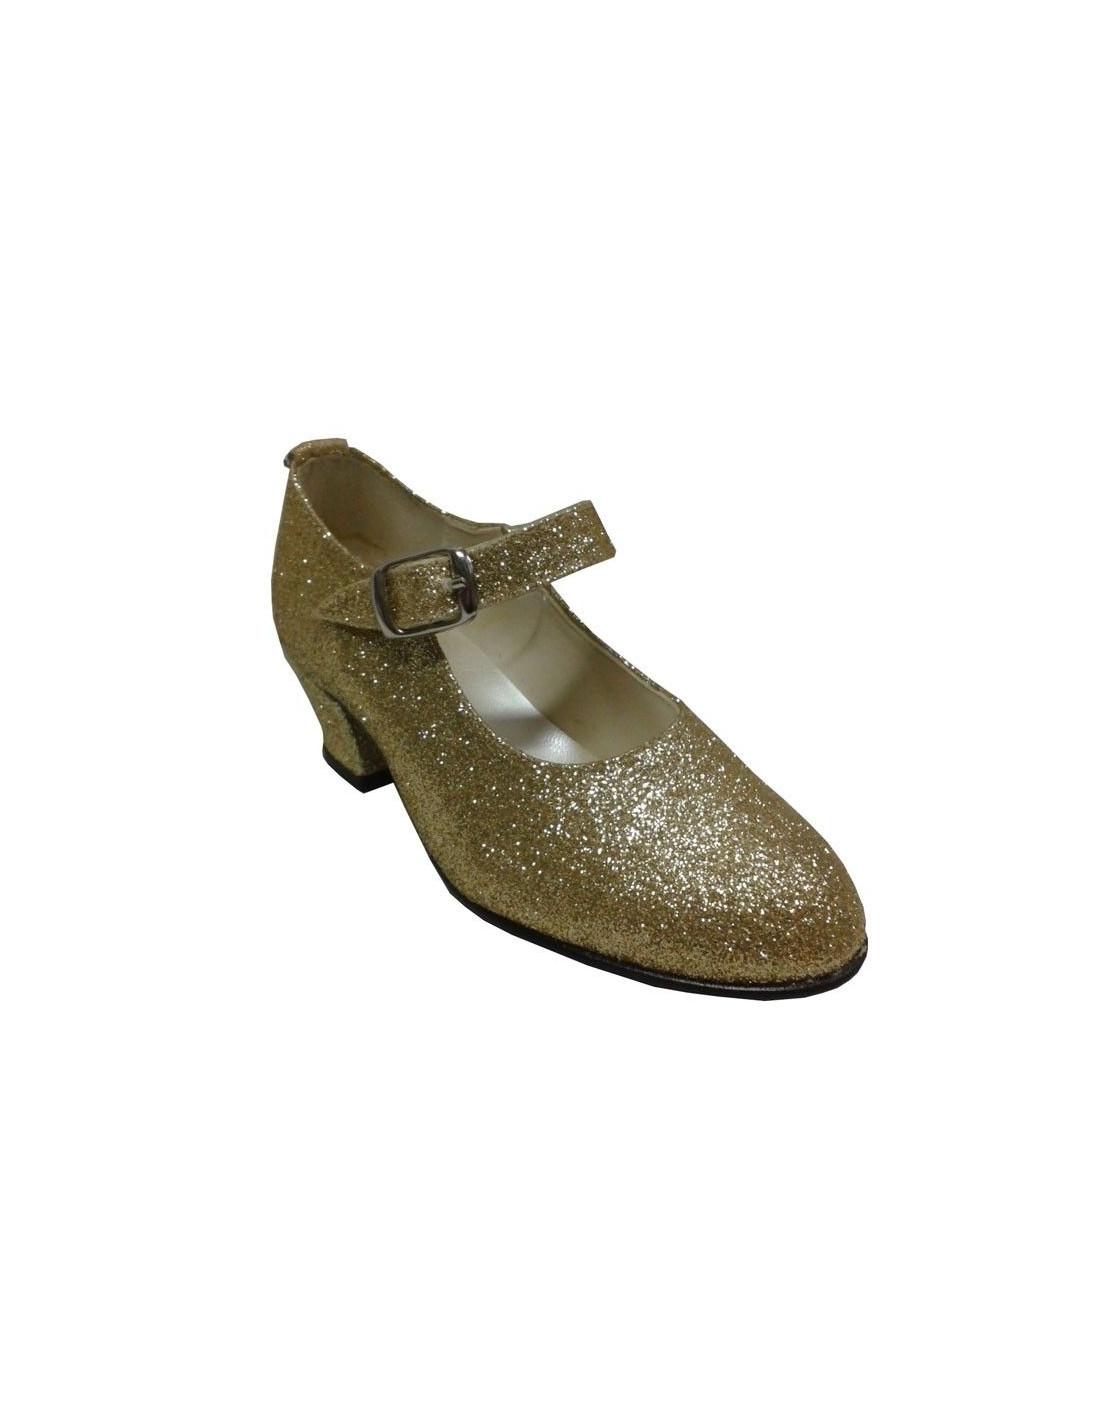 Zapato andaluza plata oro rojo topo blanco - Rojo y blanco, Talla 40